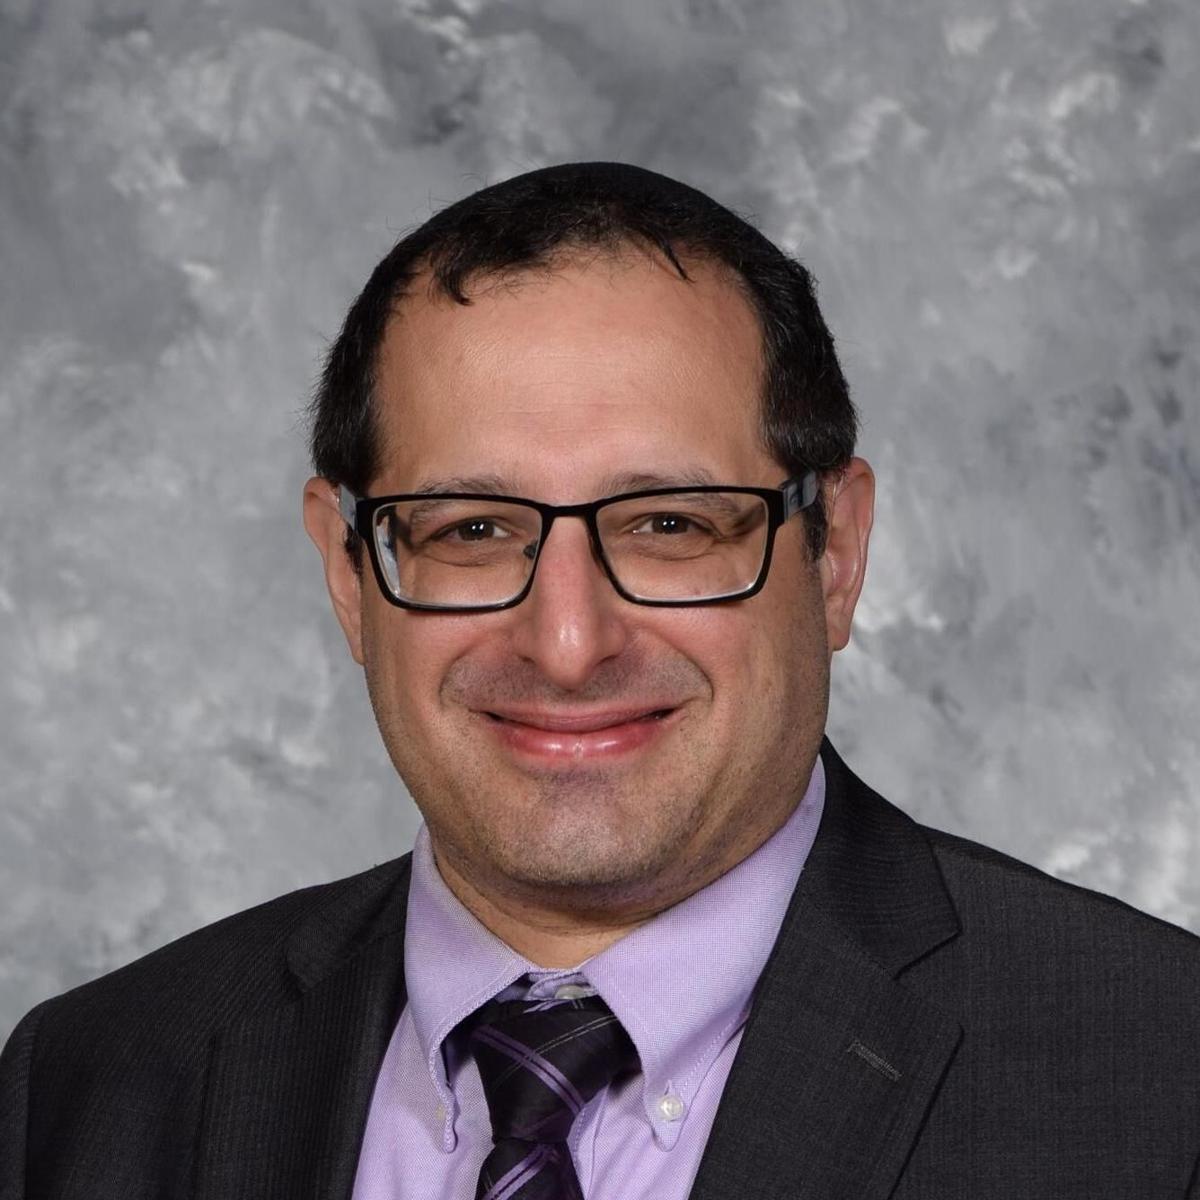 Rabbi Jeremy Bruce